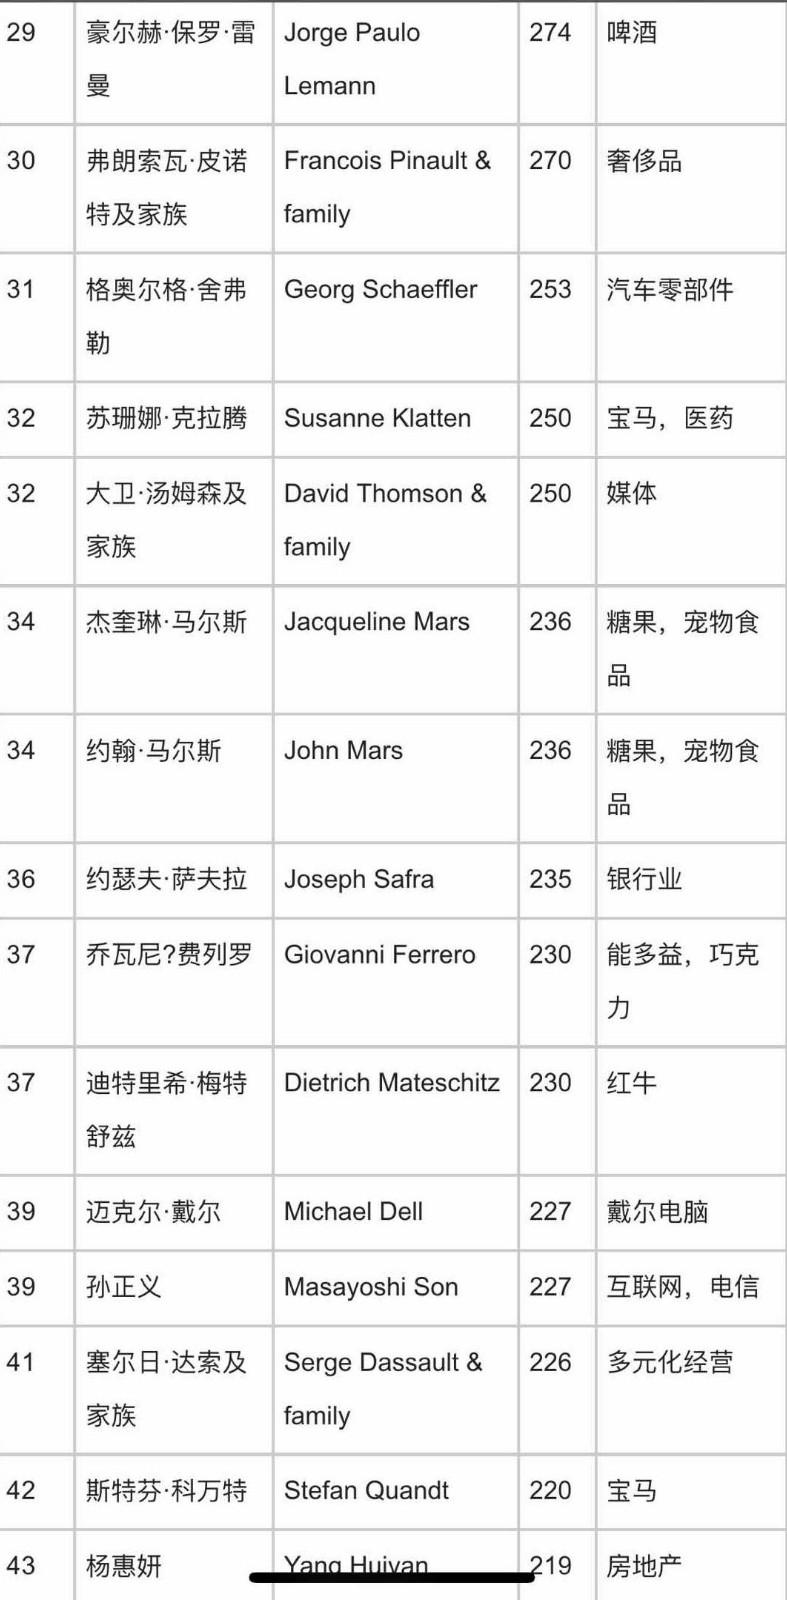 福布斯2018年度全球亿万富豪榜:中国新上榜富豪最多_图1-3